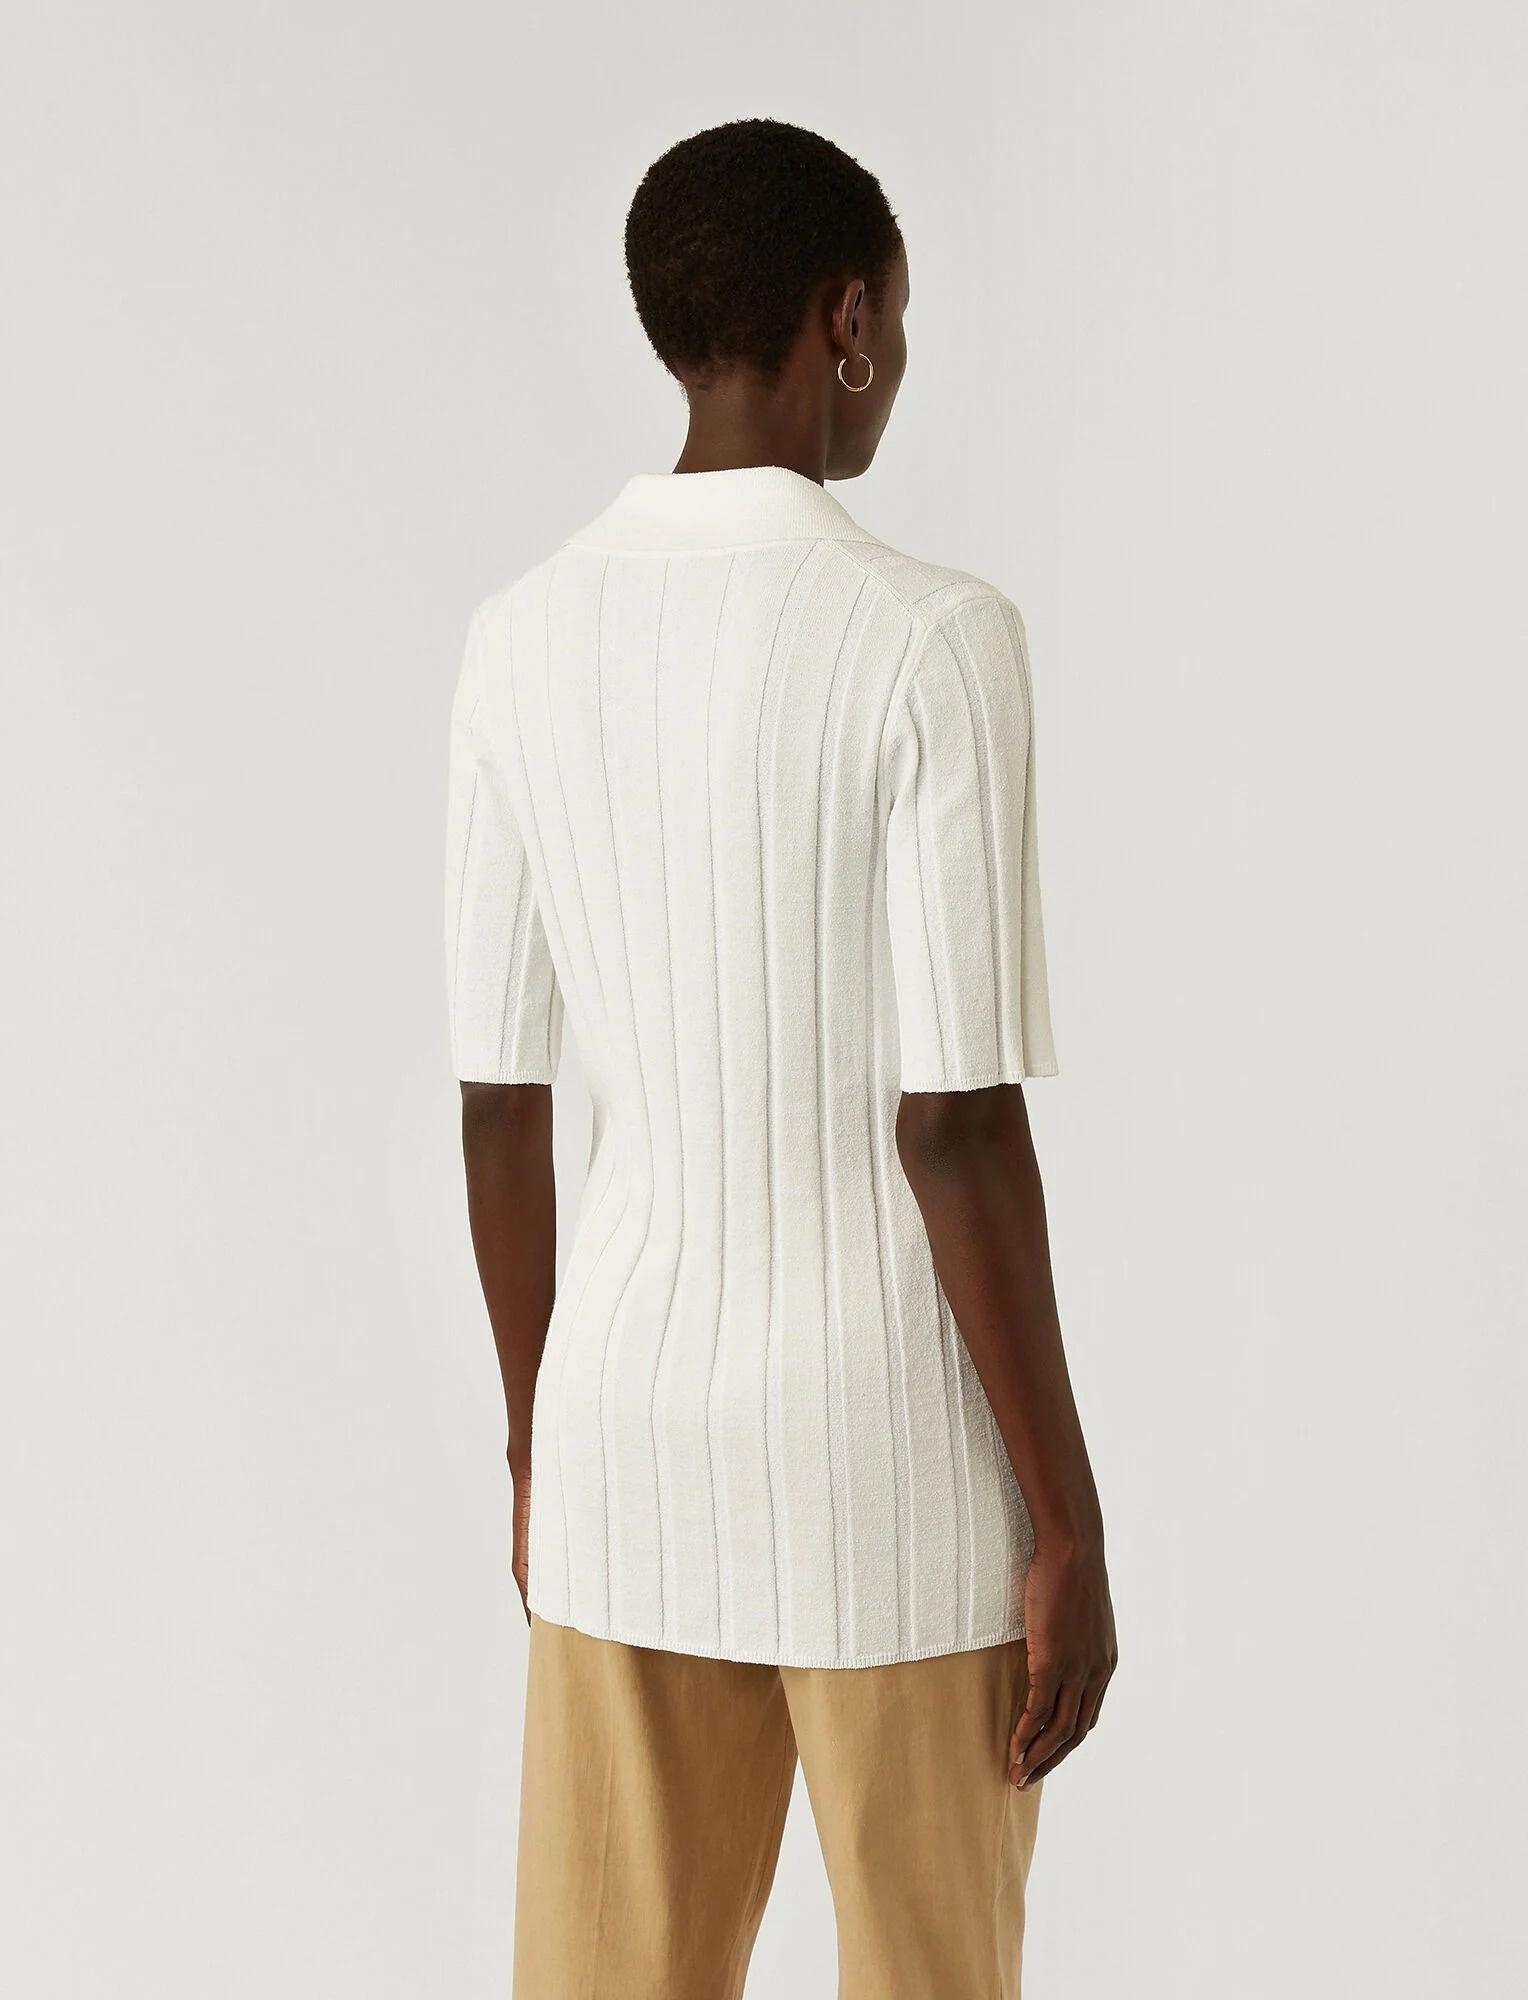 Polo Textured Rib Off White